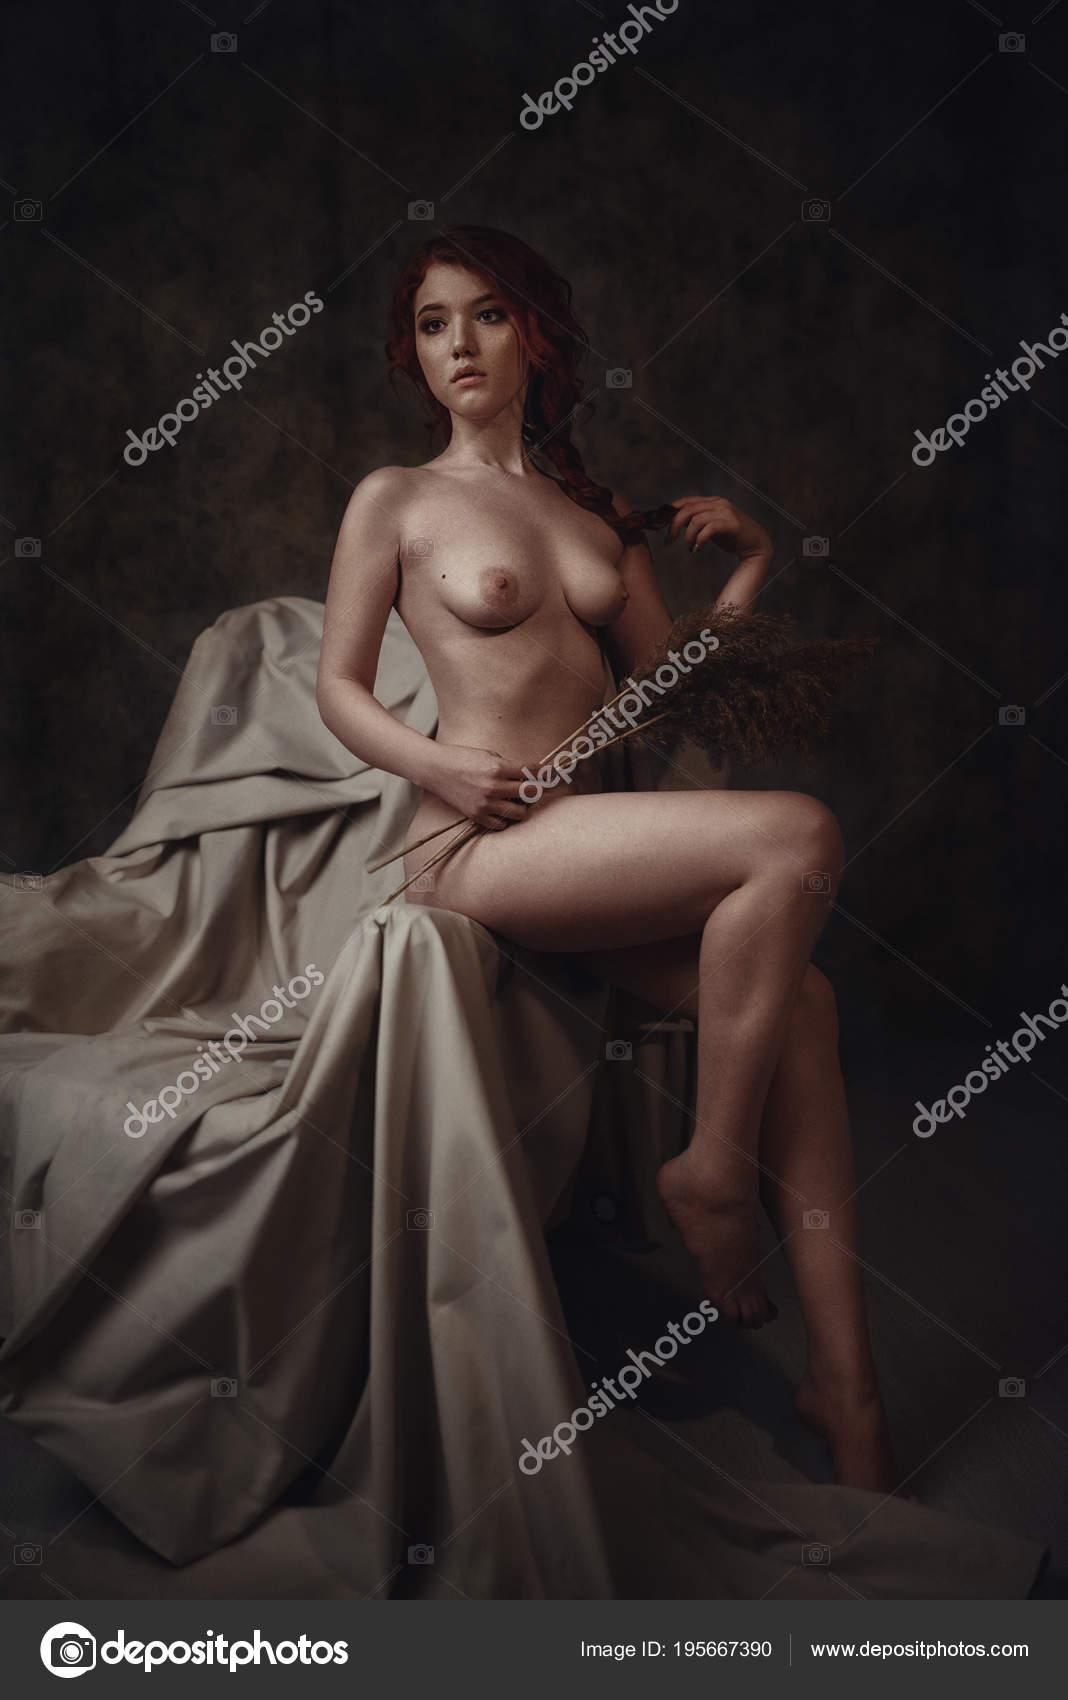 Obras De Arte Retrato De Mujer Pelirroja Desnuda Sentada En Un